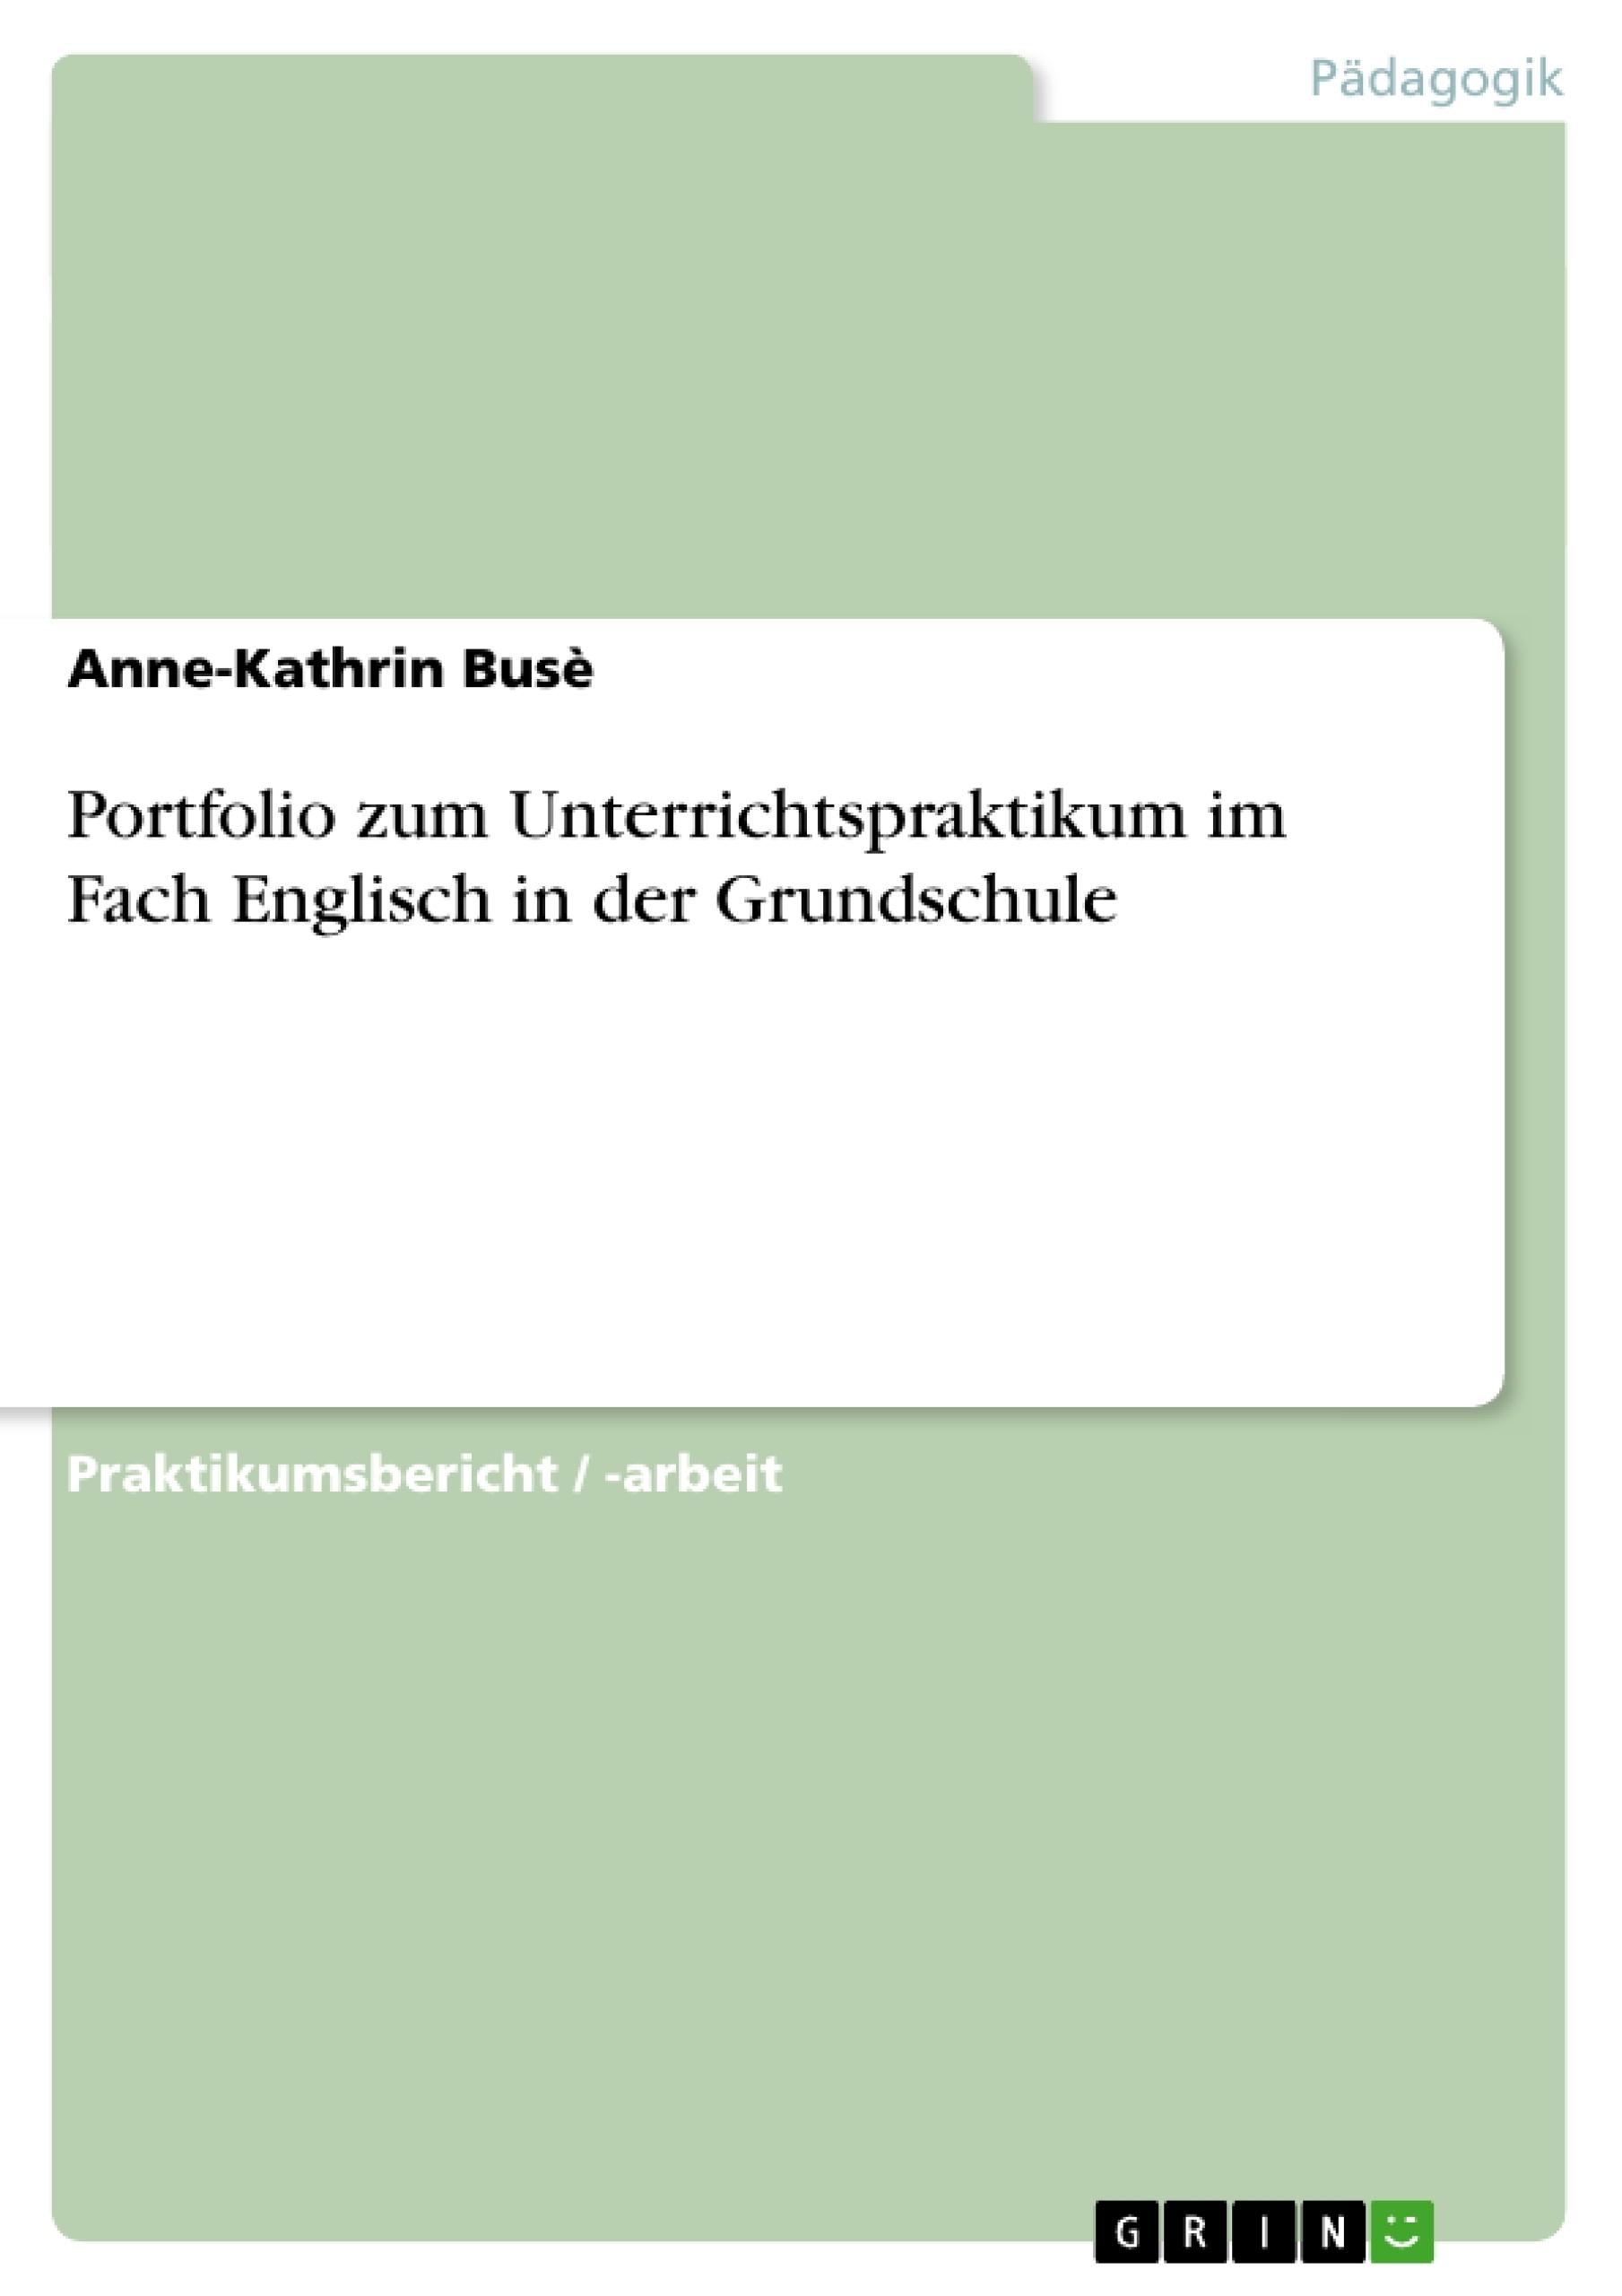 Titel: Portfolio zum Unterrichtspraktikum im Fach Englisch in der Grundschule